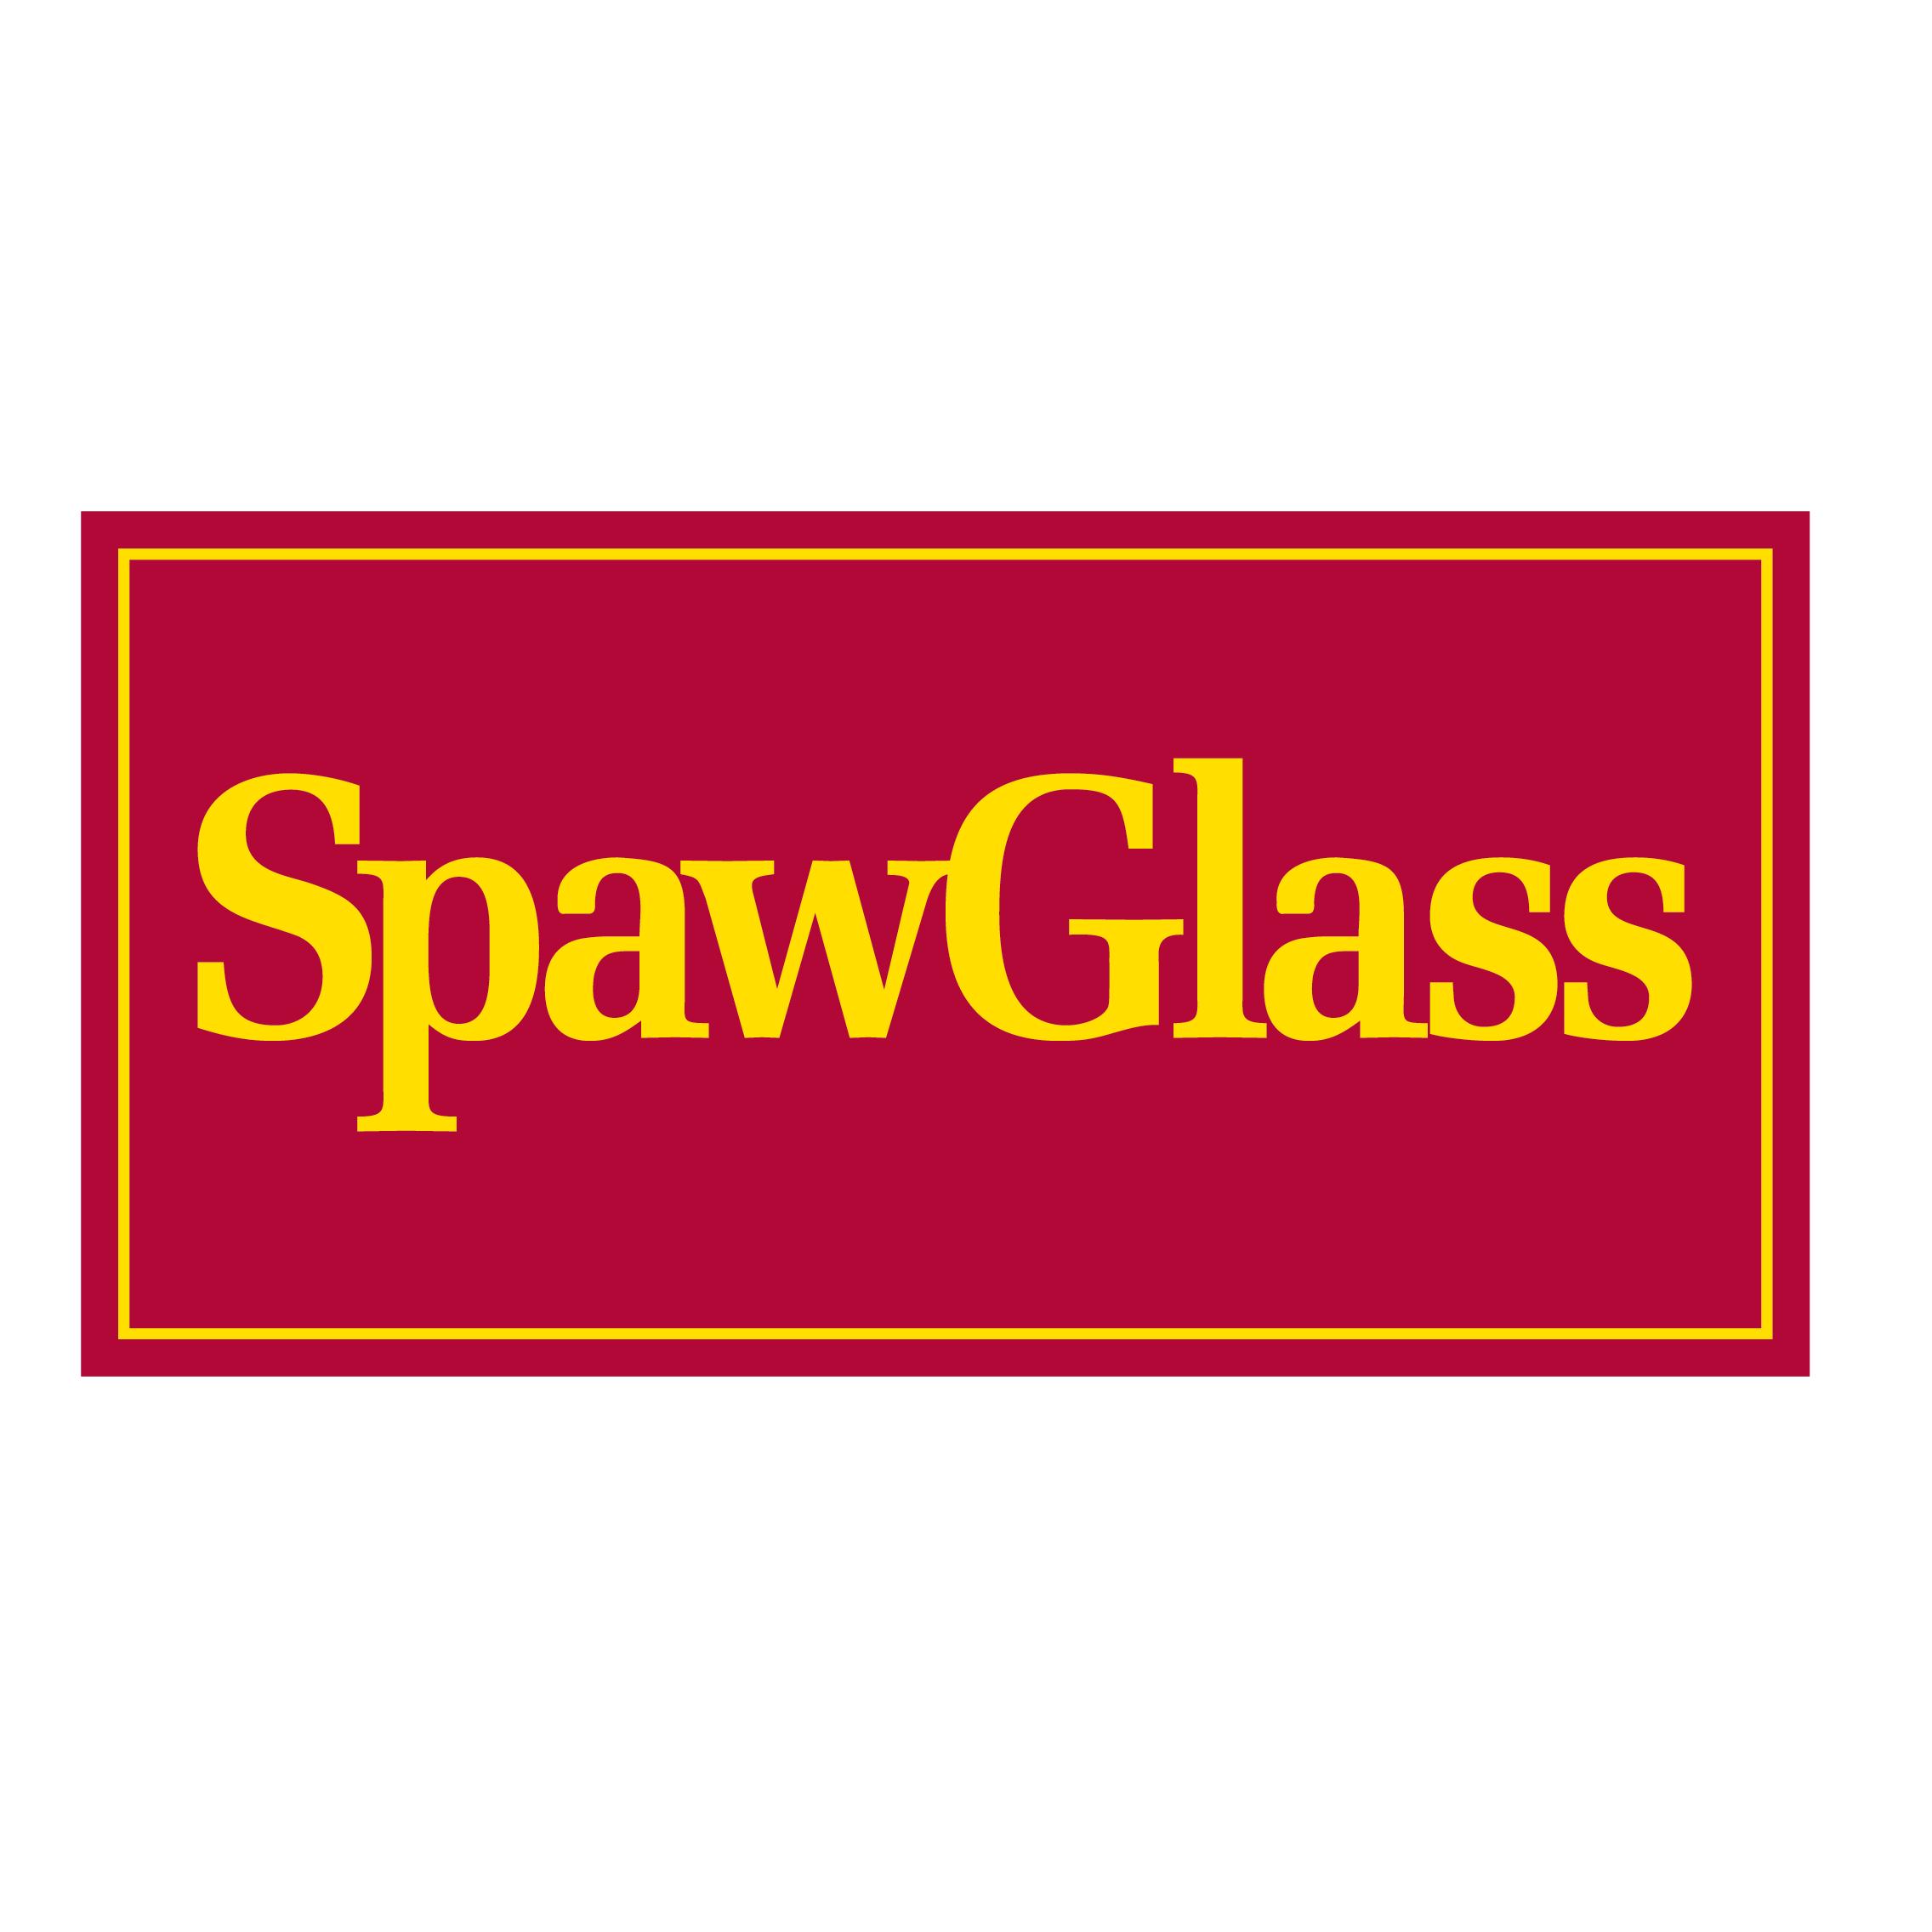 SpawGlass logo